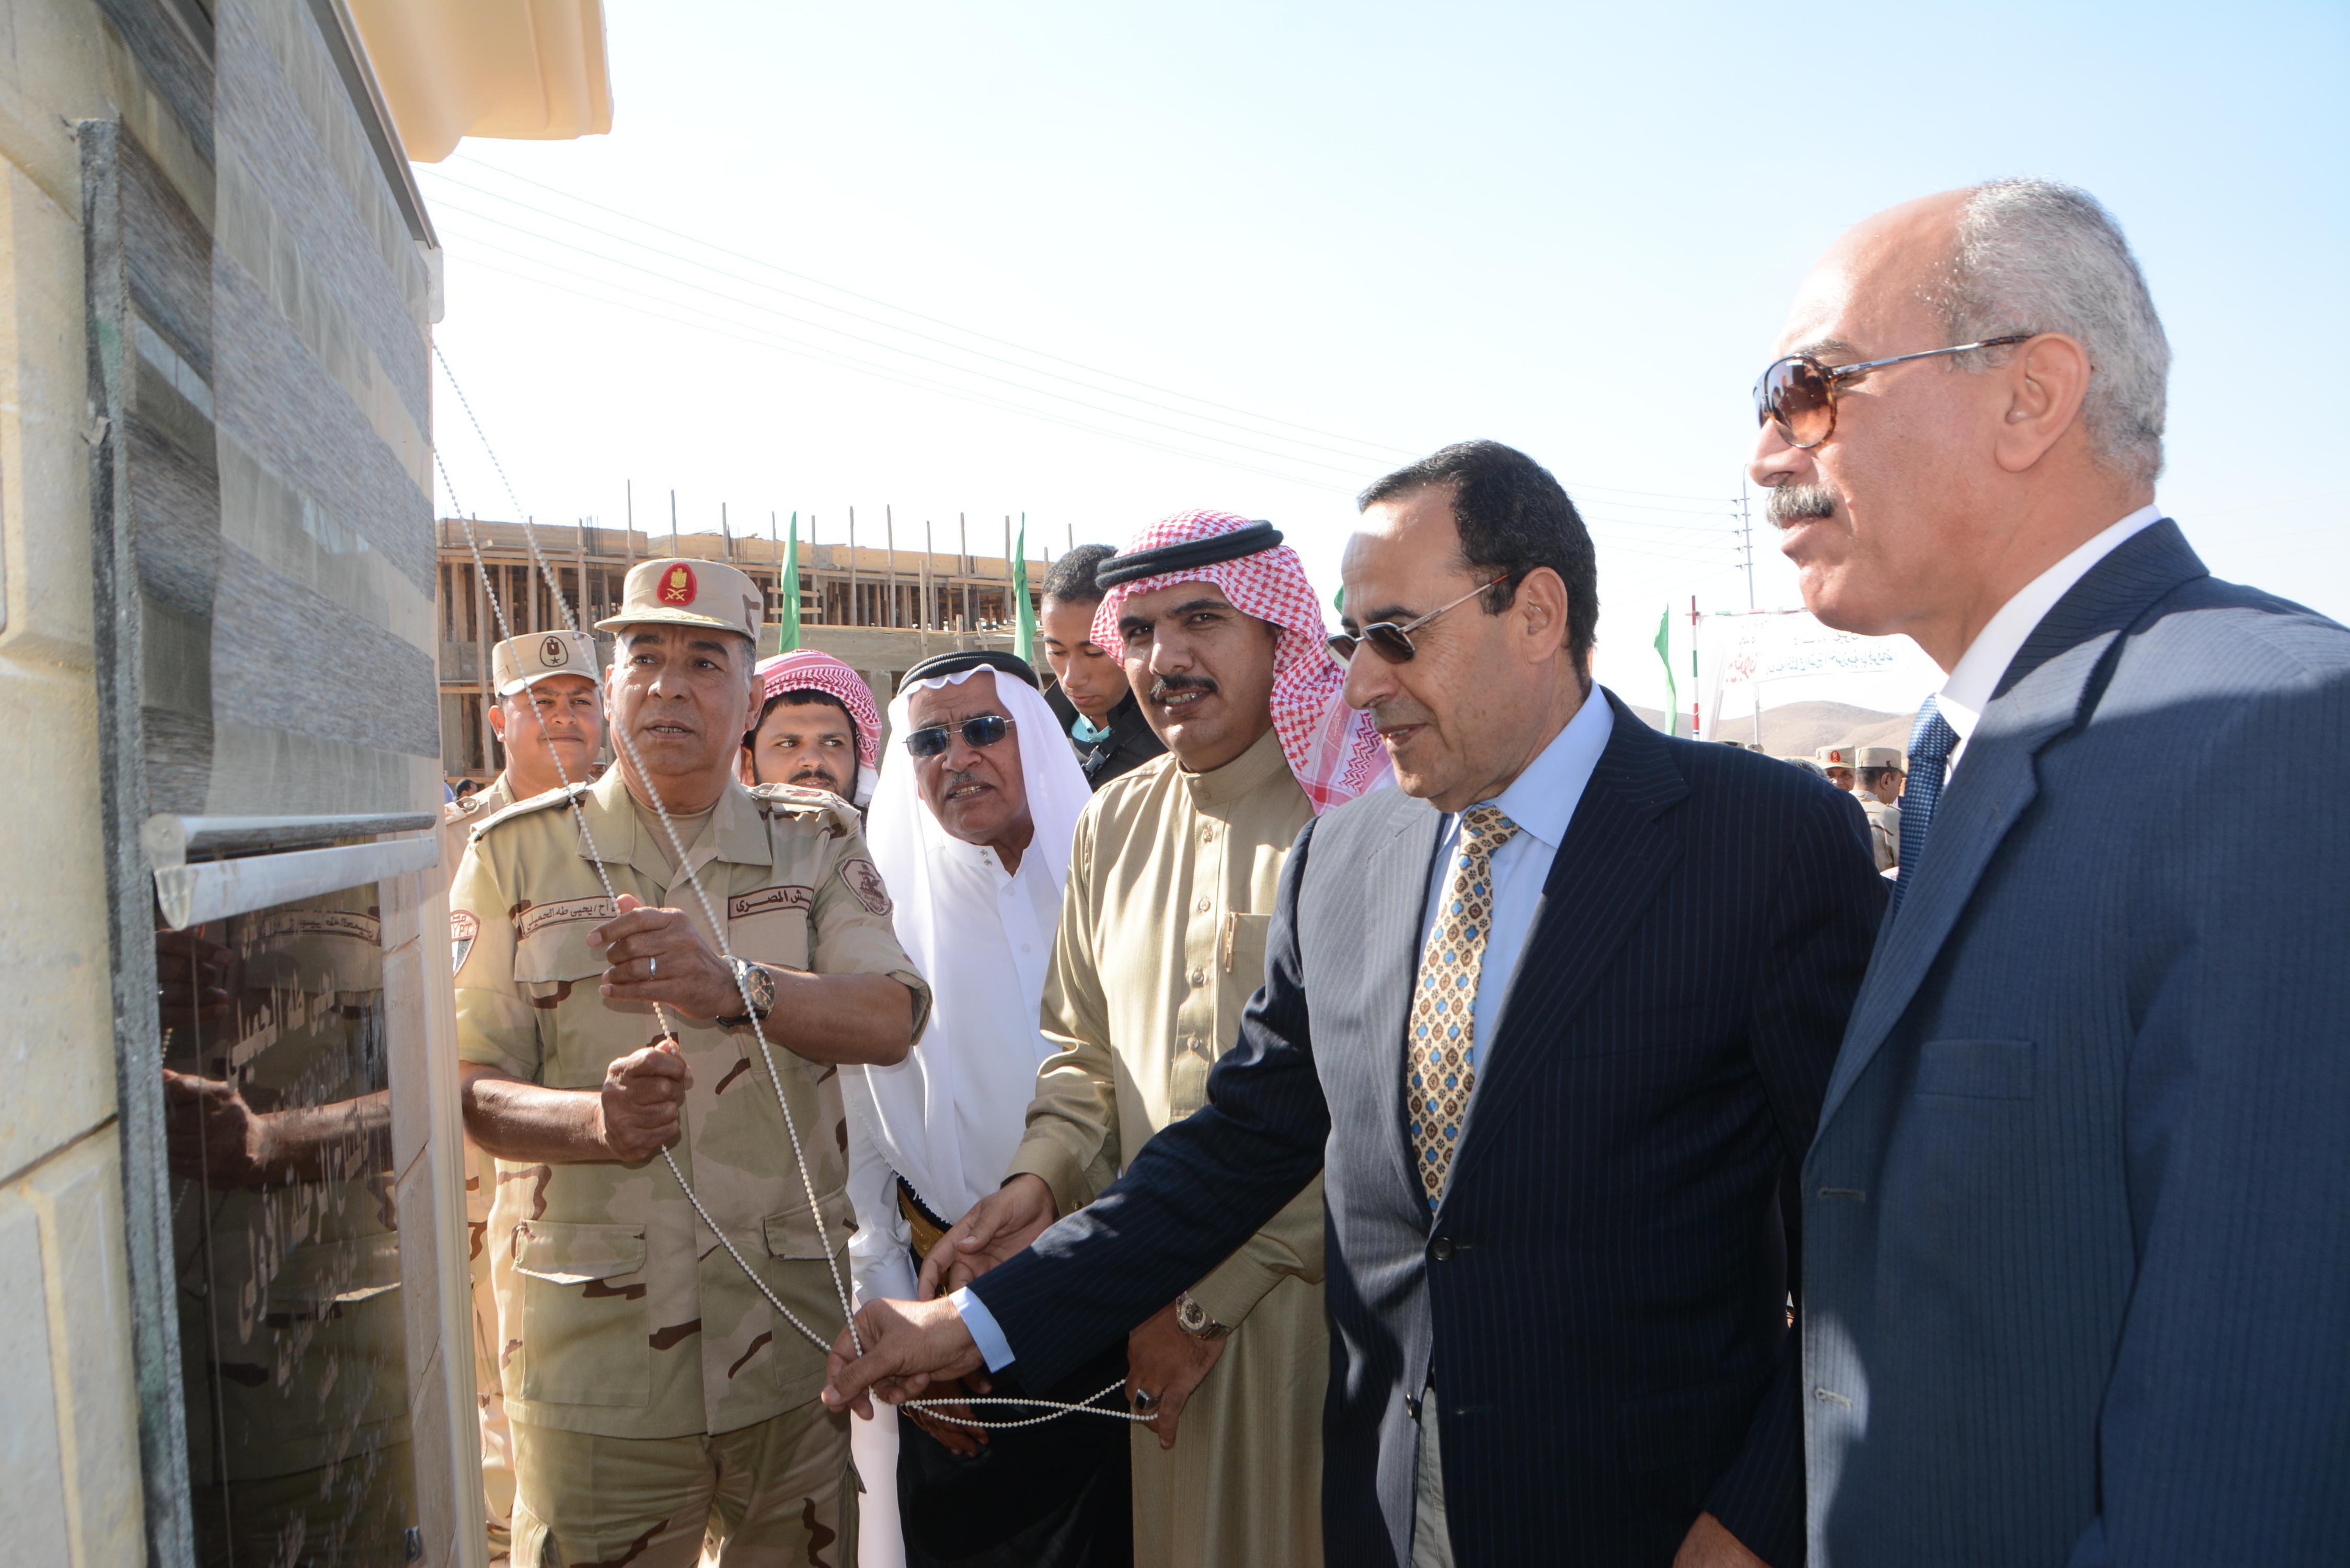 القوات المسلحة تنشئ تجمعاً حضارياً جديداً بوسط سيناء (2)